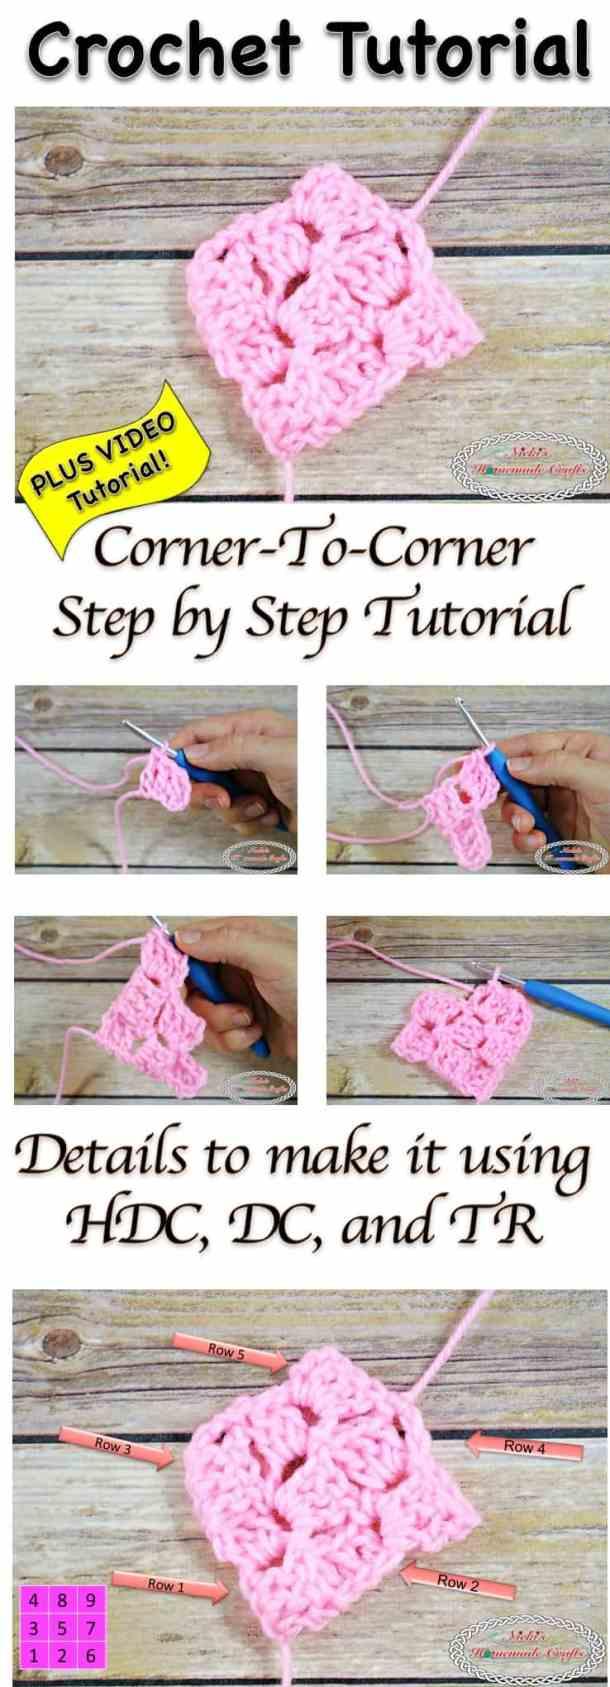 How to do the Corner-To-Corner aka C2C - Crochet Tutorial